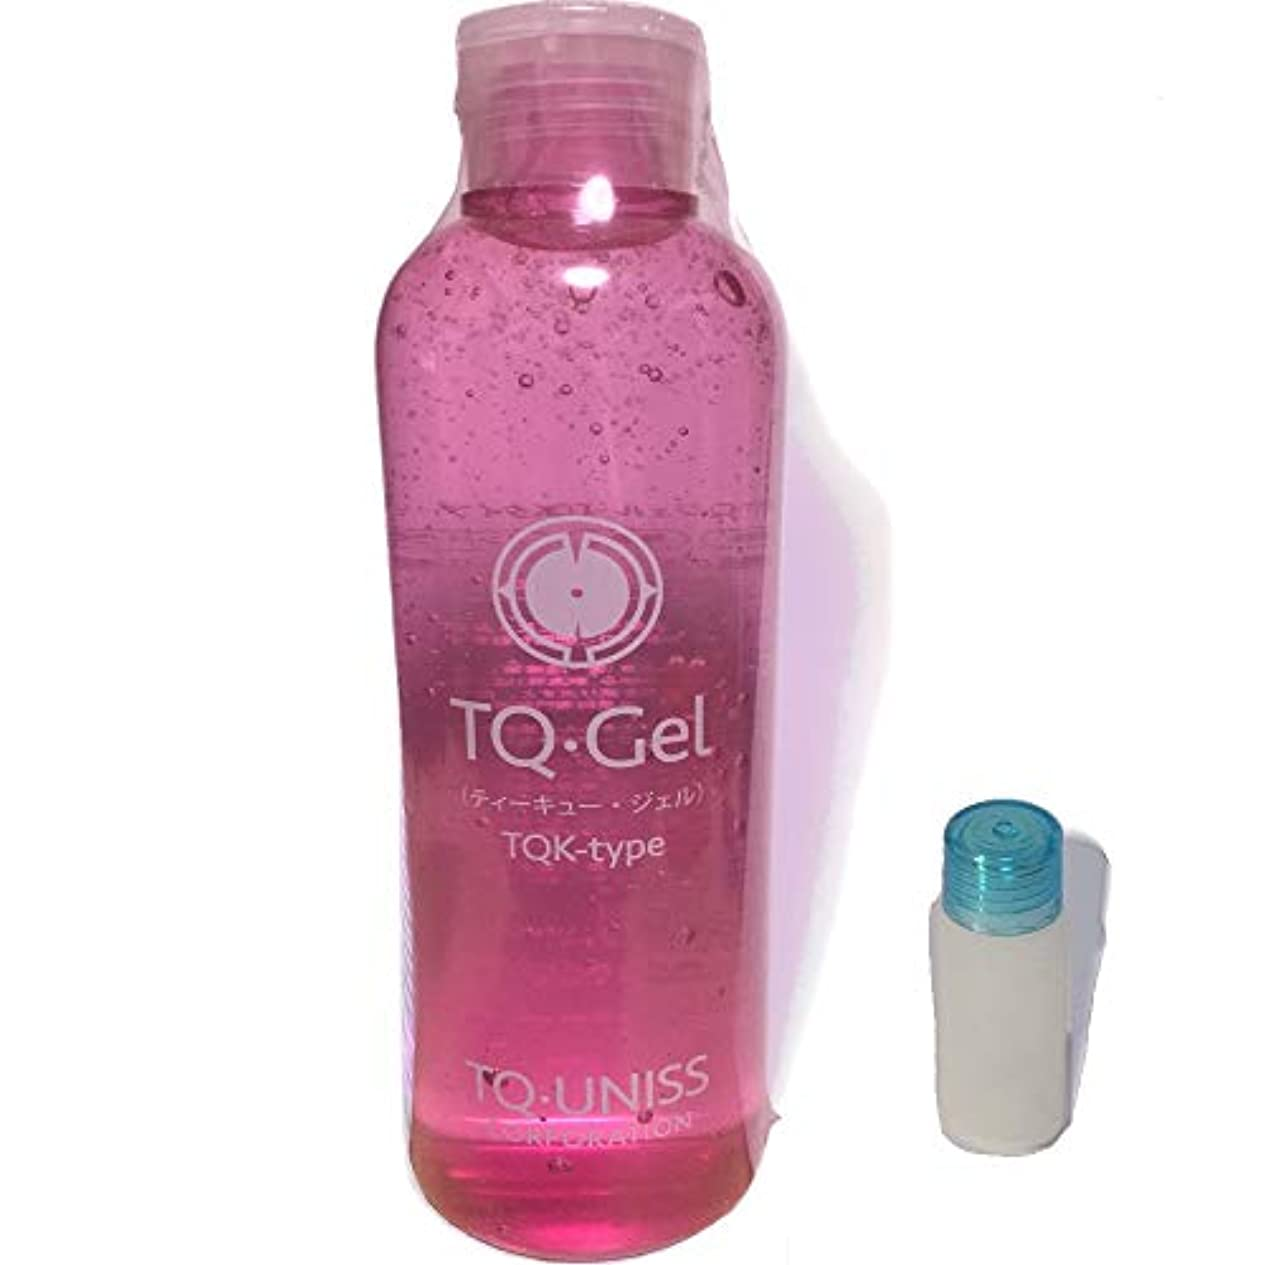 感謝する牧草地トマトリーニューアル TQジェル ミニボトル5mlセット厳選された自然由来の保湿成分プラス20のエネルギー [300ml] ピンクボトル